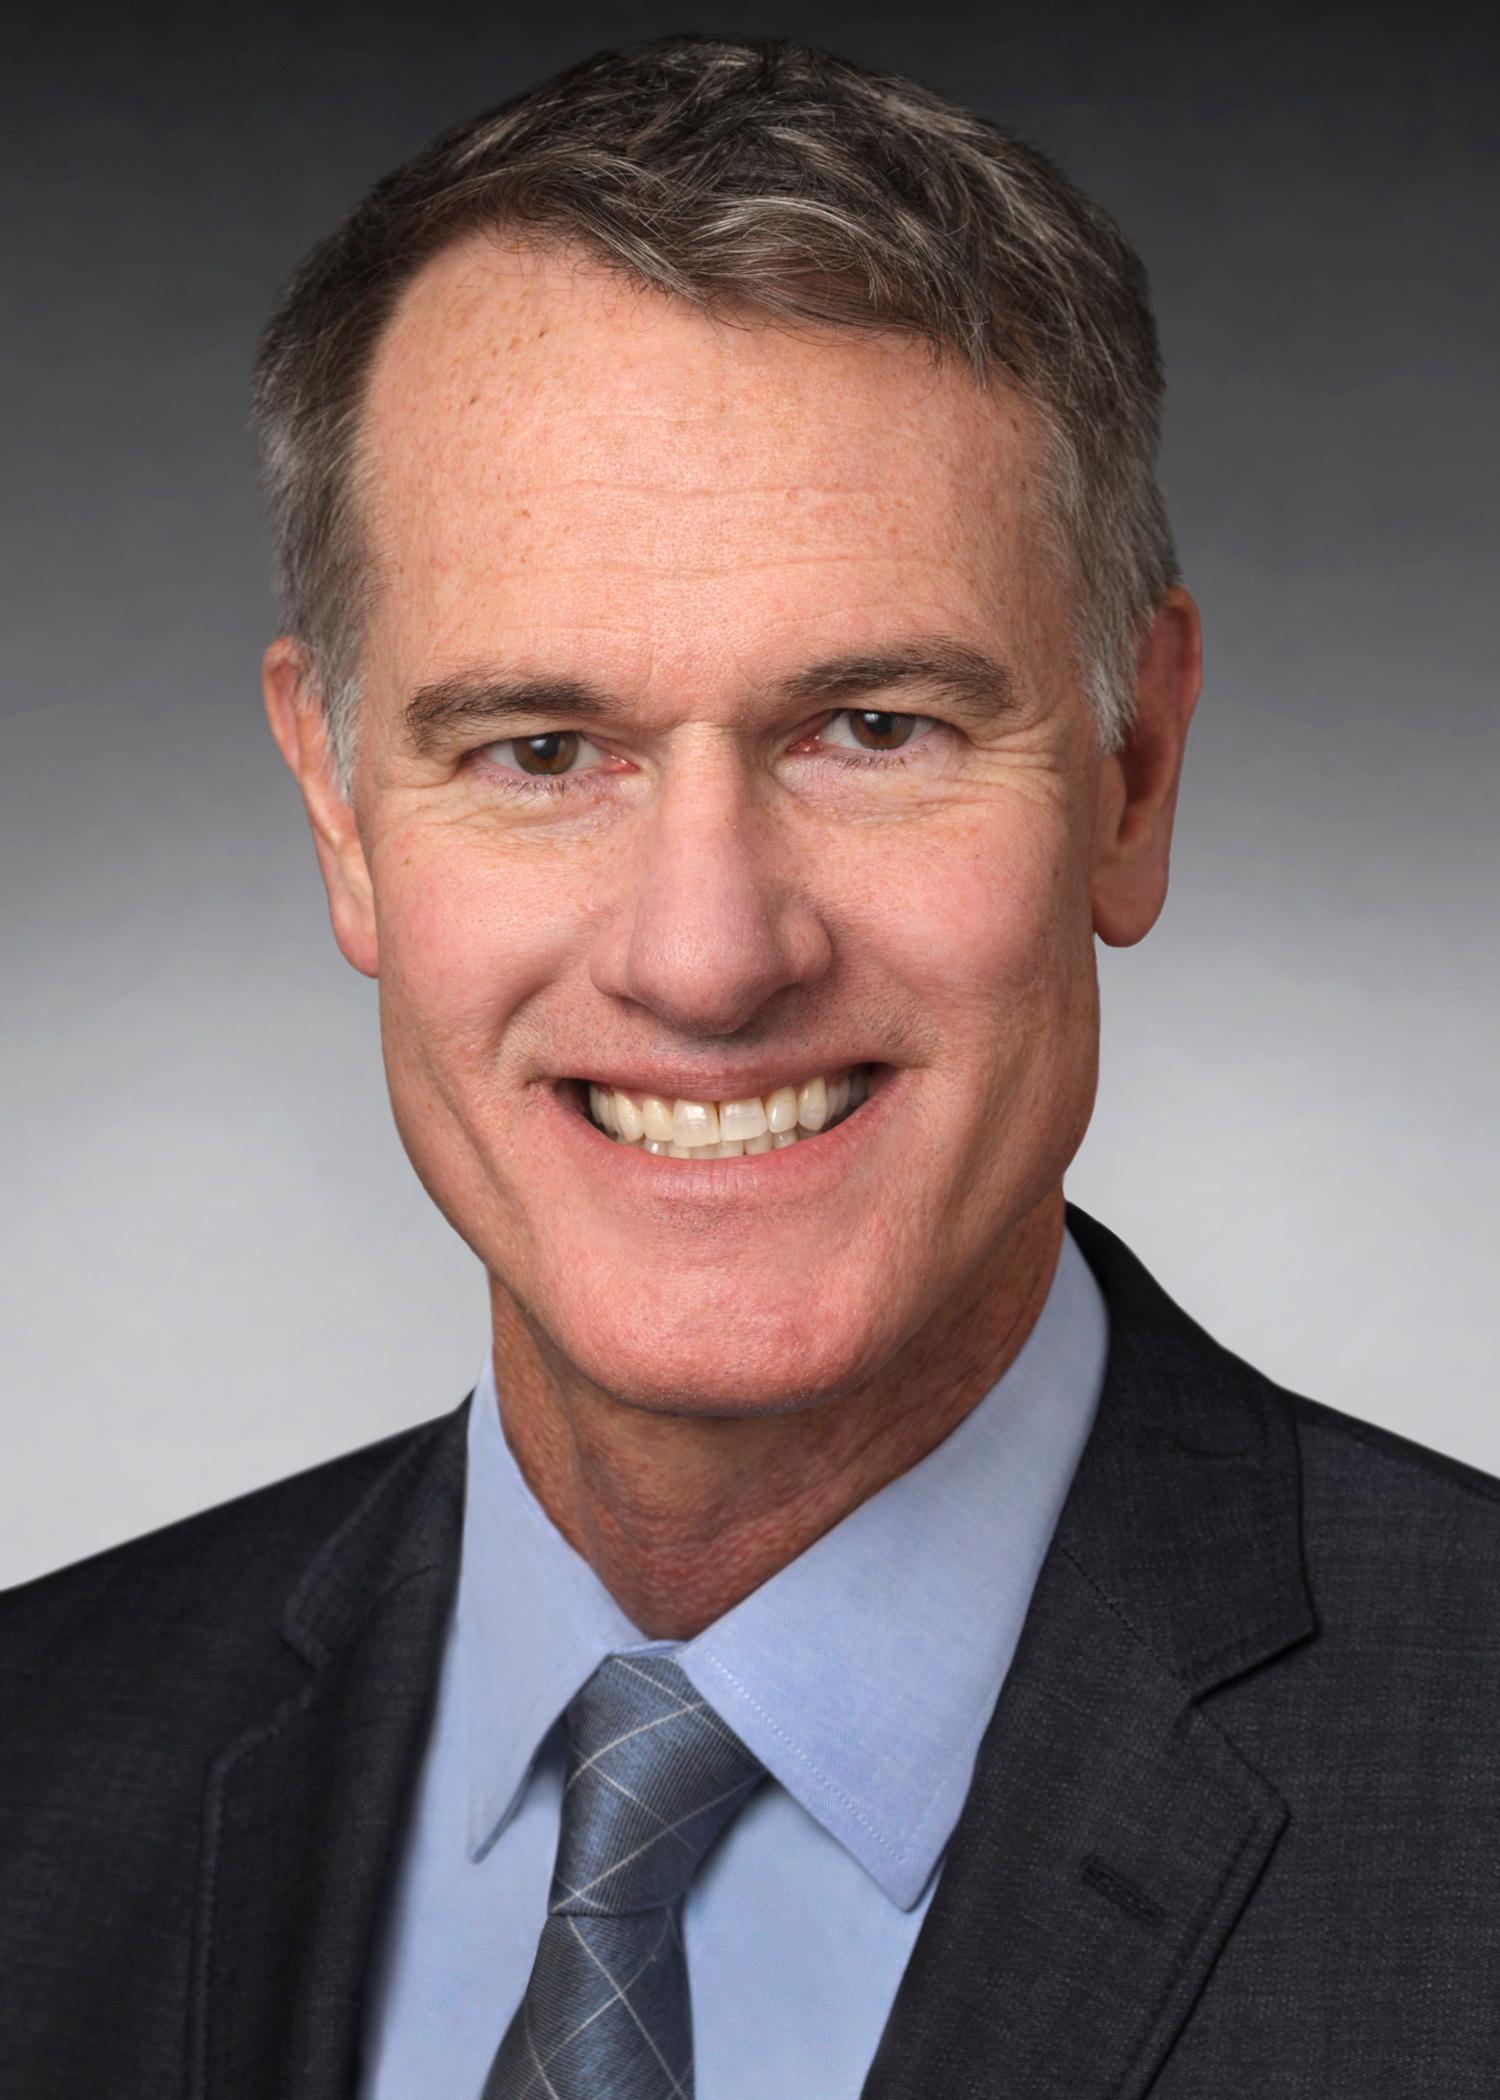 Greg Hartmann (Photo: Business Wire)